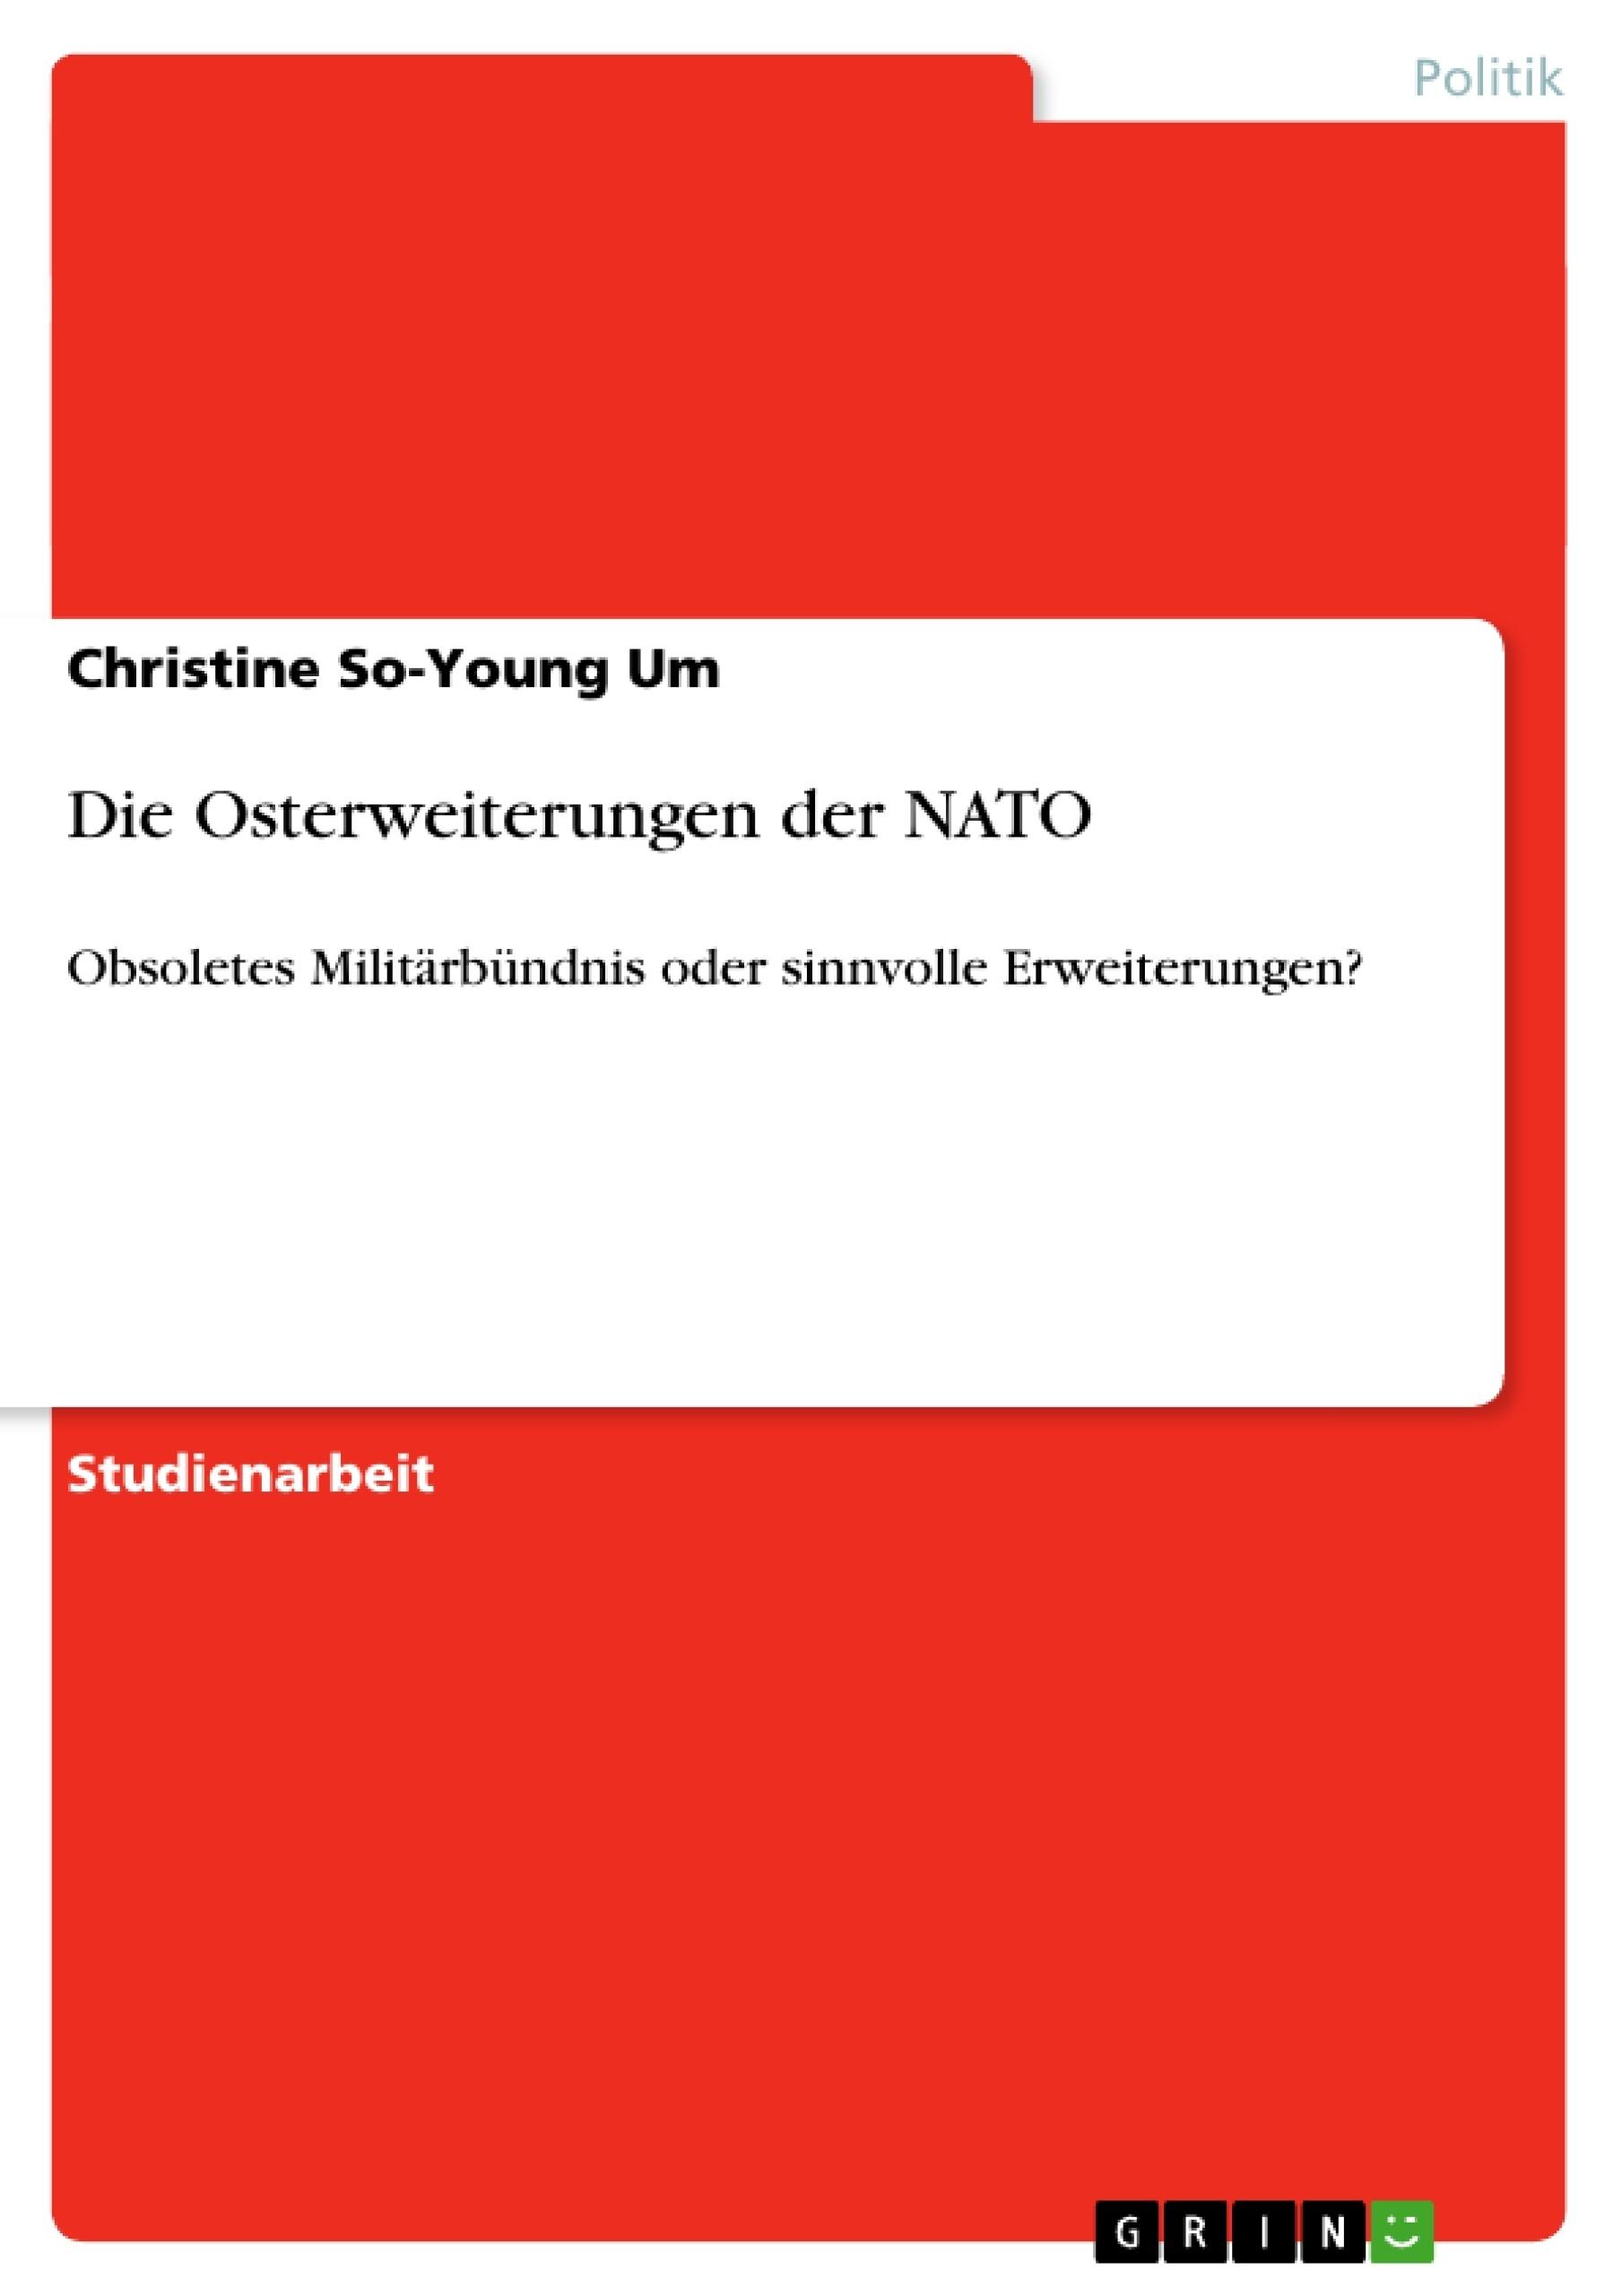 Titel: Die Osterweiterungen der NATO